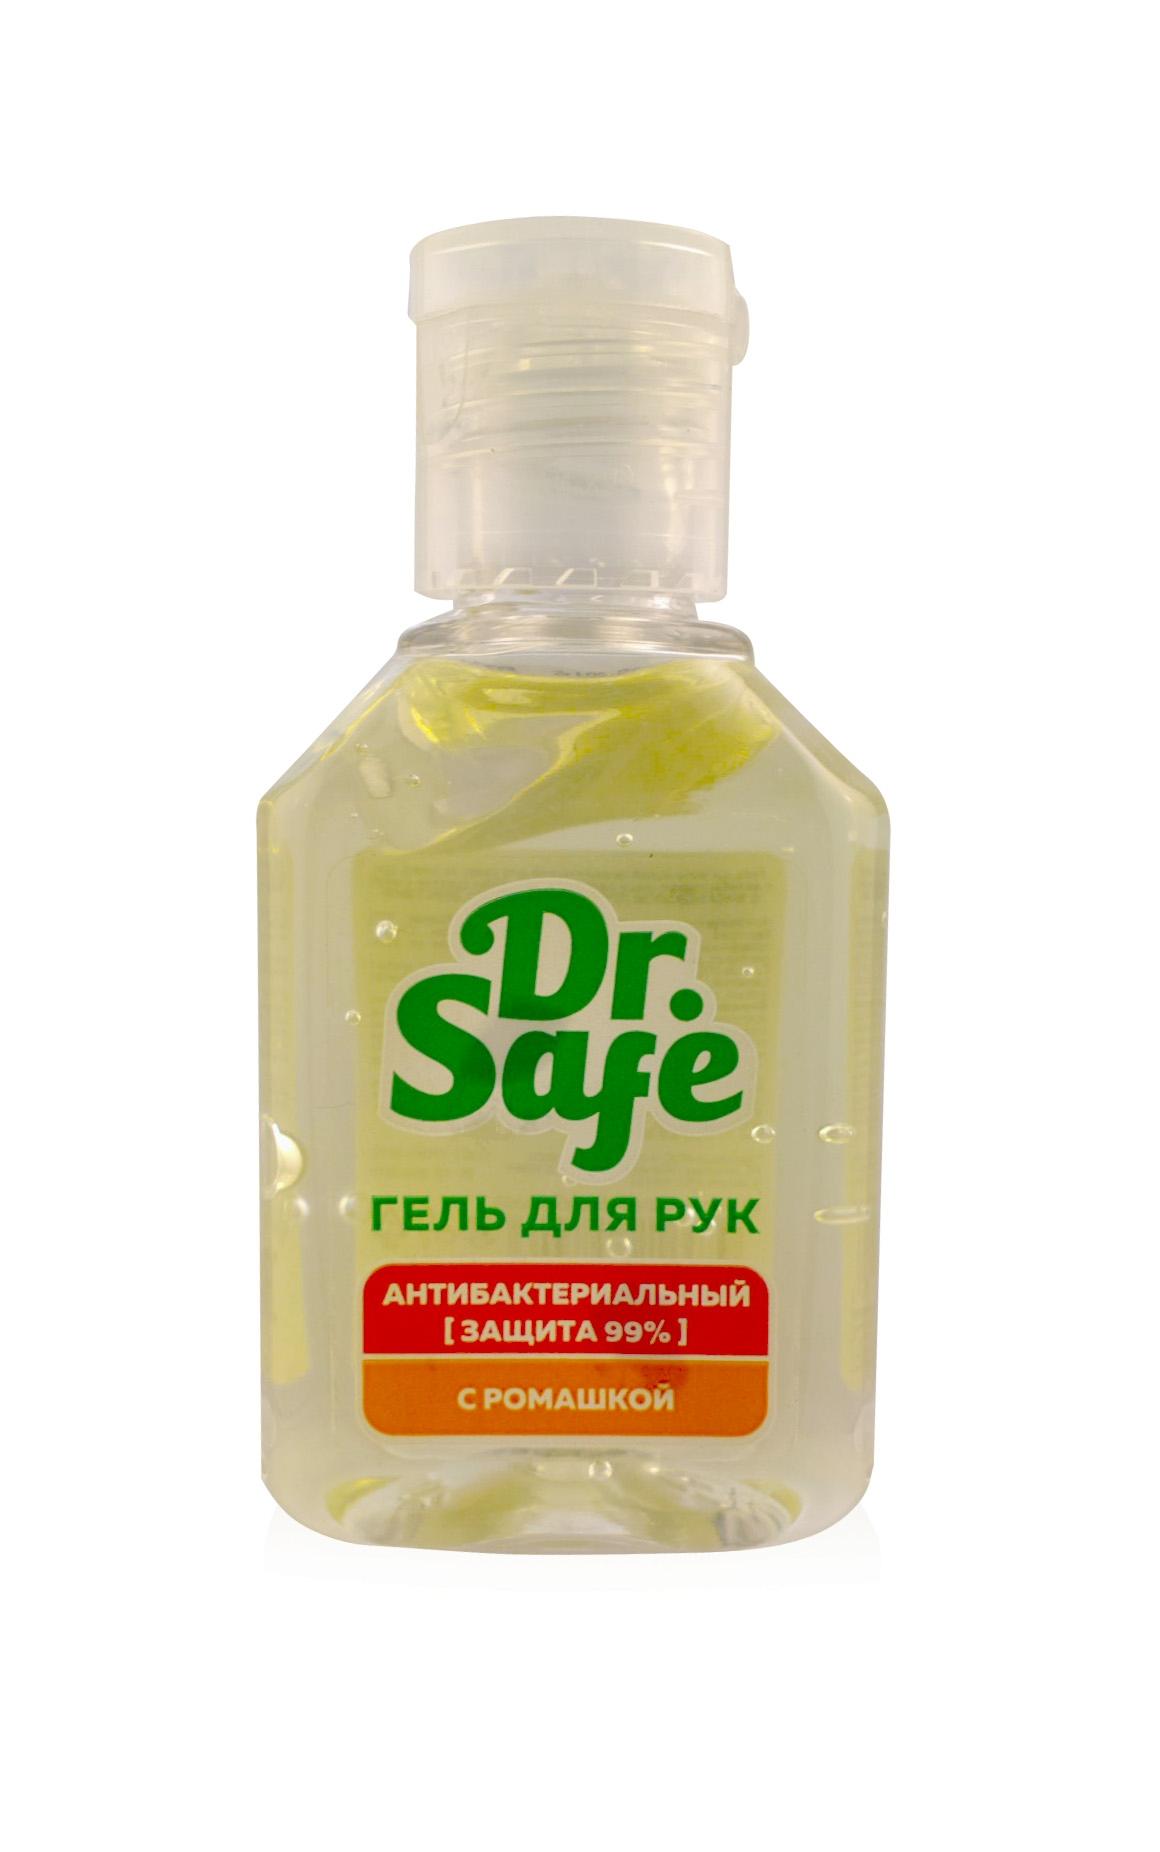 Средства по уходу за кожей рук Dr.Safe гель для рук